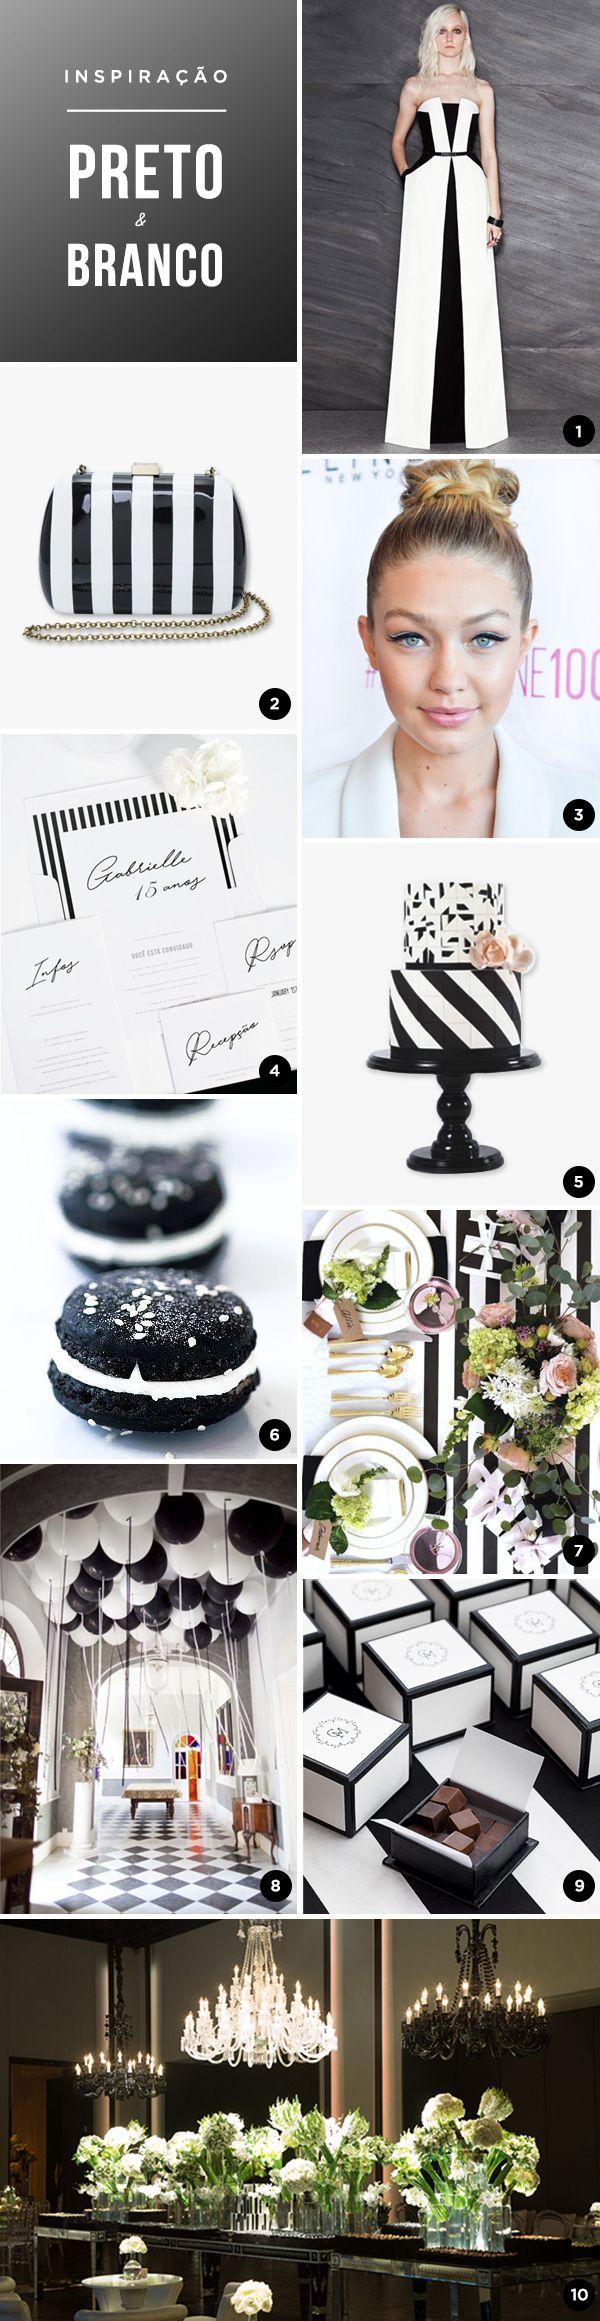 Selecionamos 10 lindas ideias para uma festa de 15 anos em preto e branco! O resultado é chic, cool e super moderno! Vem ver!